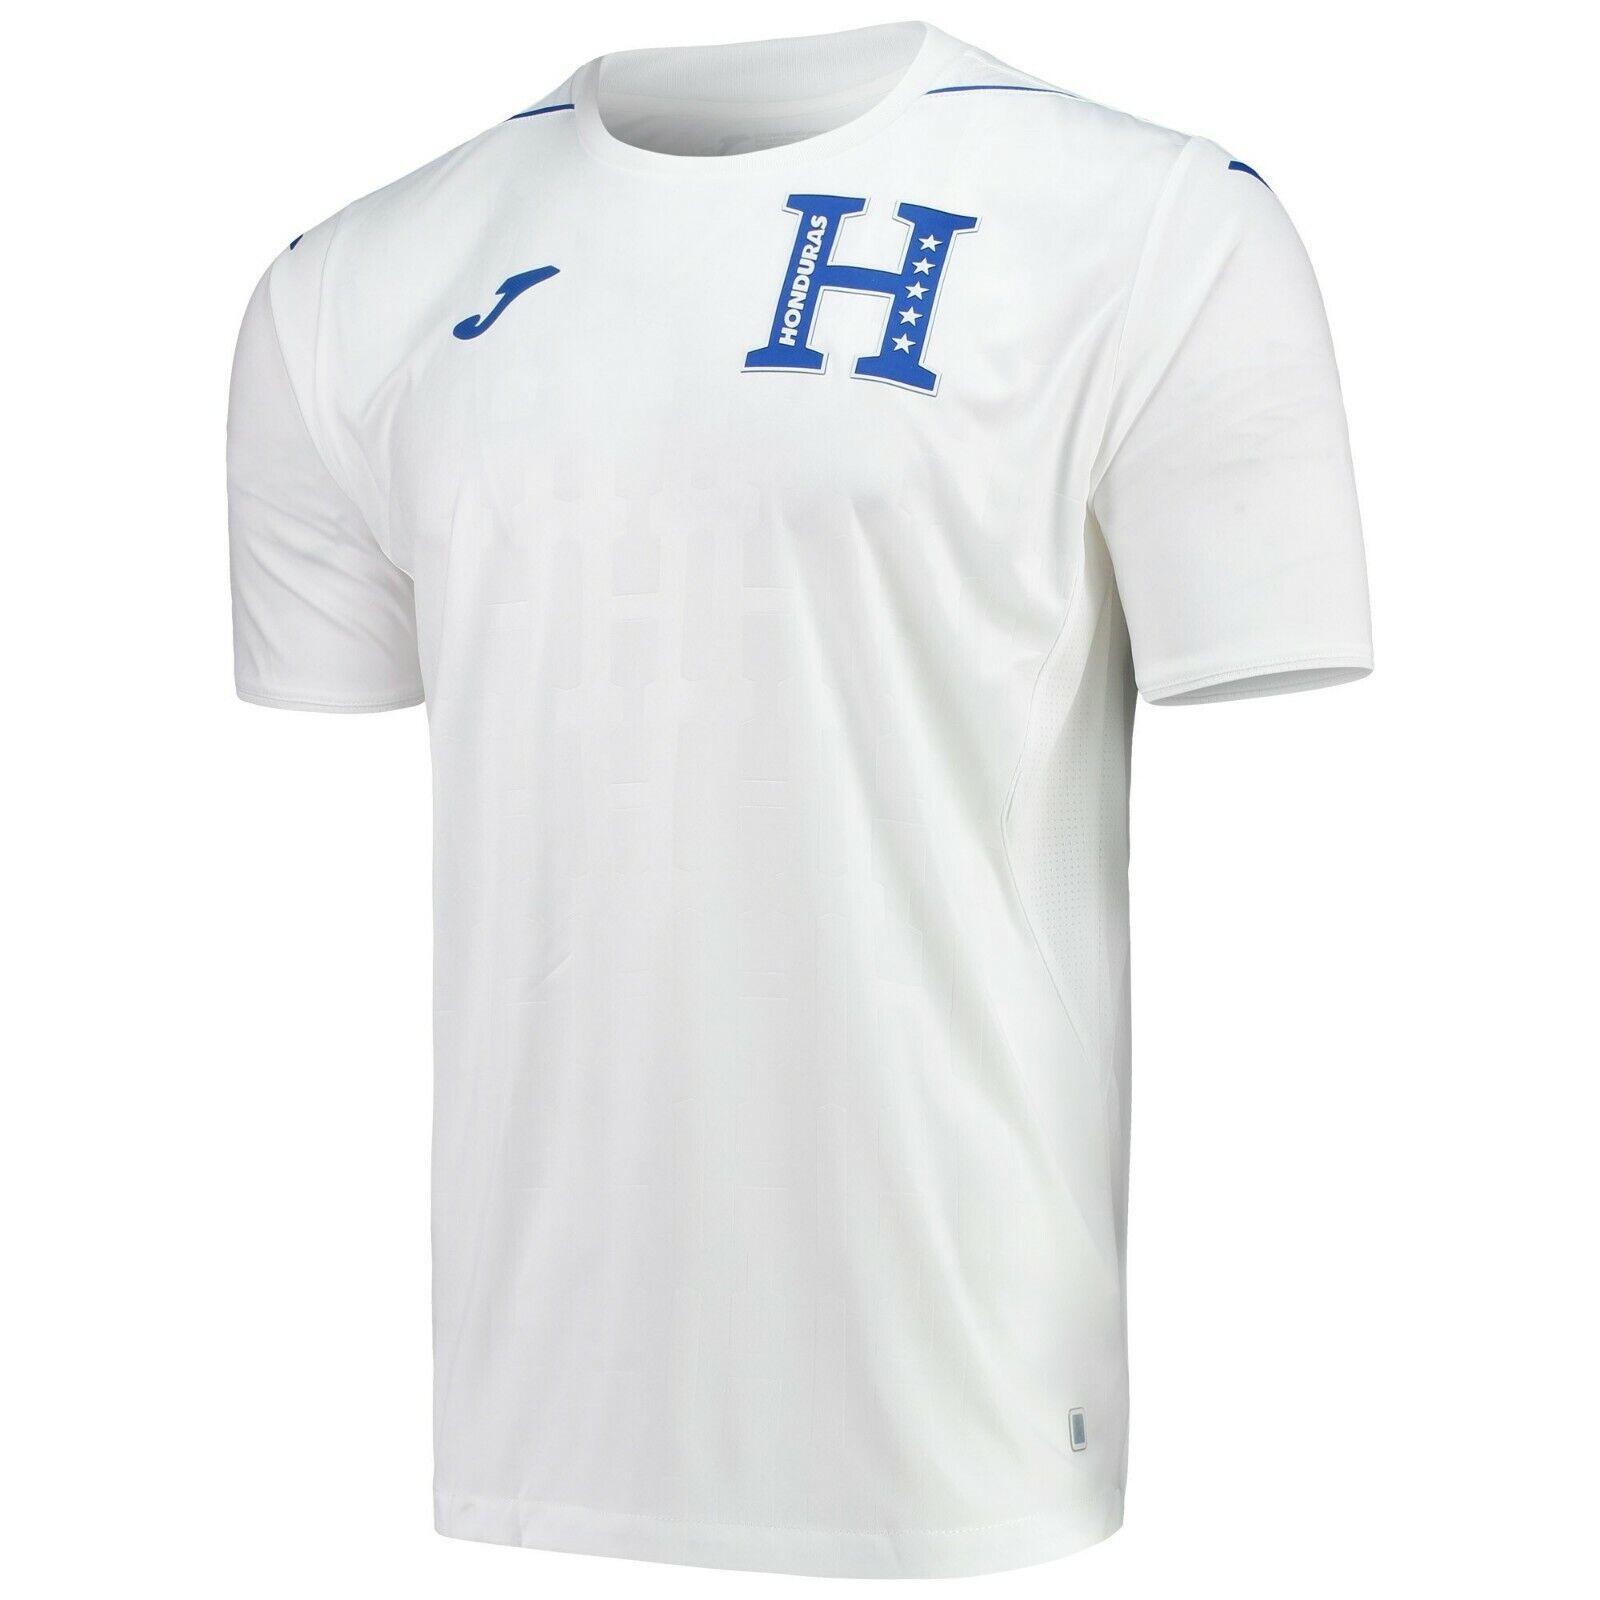 Honduras Giovani squadra nazionale 201920 201920 201920 Home Replica Jersey bianca 4f1